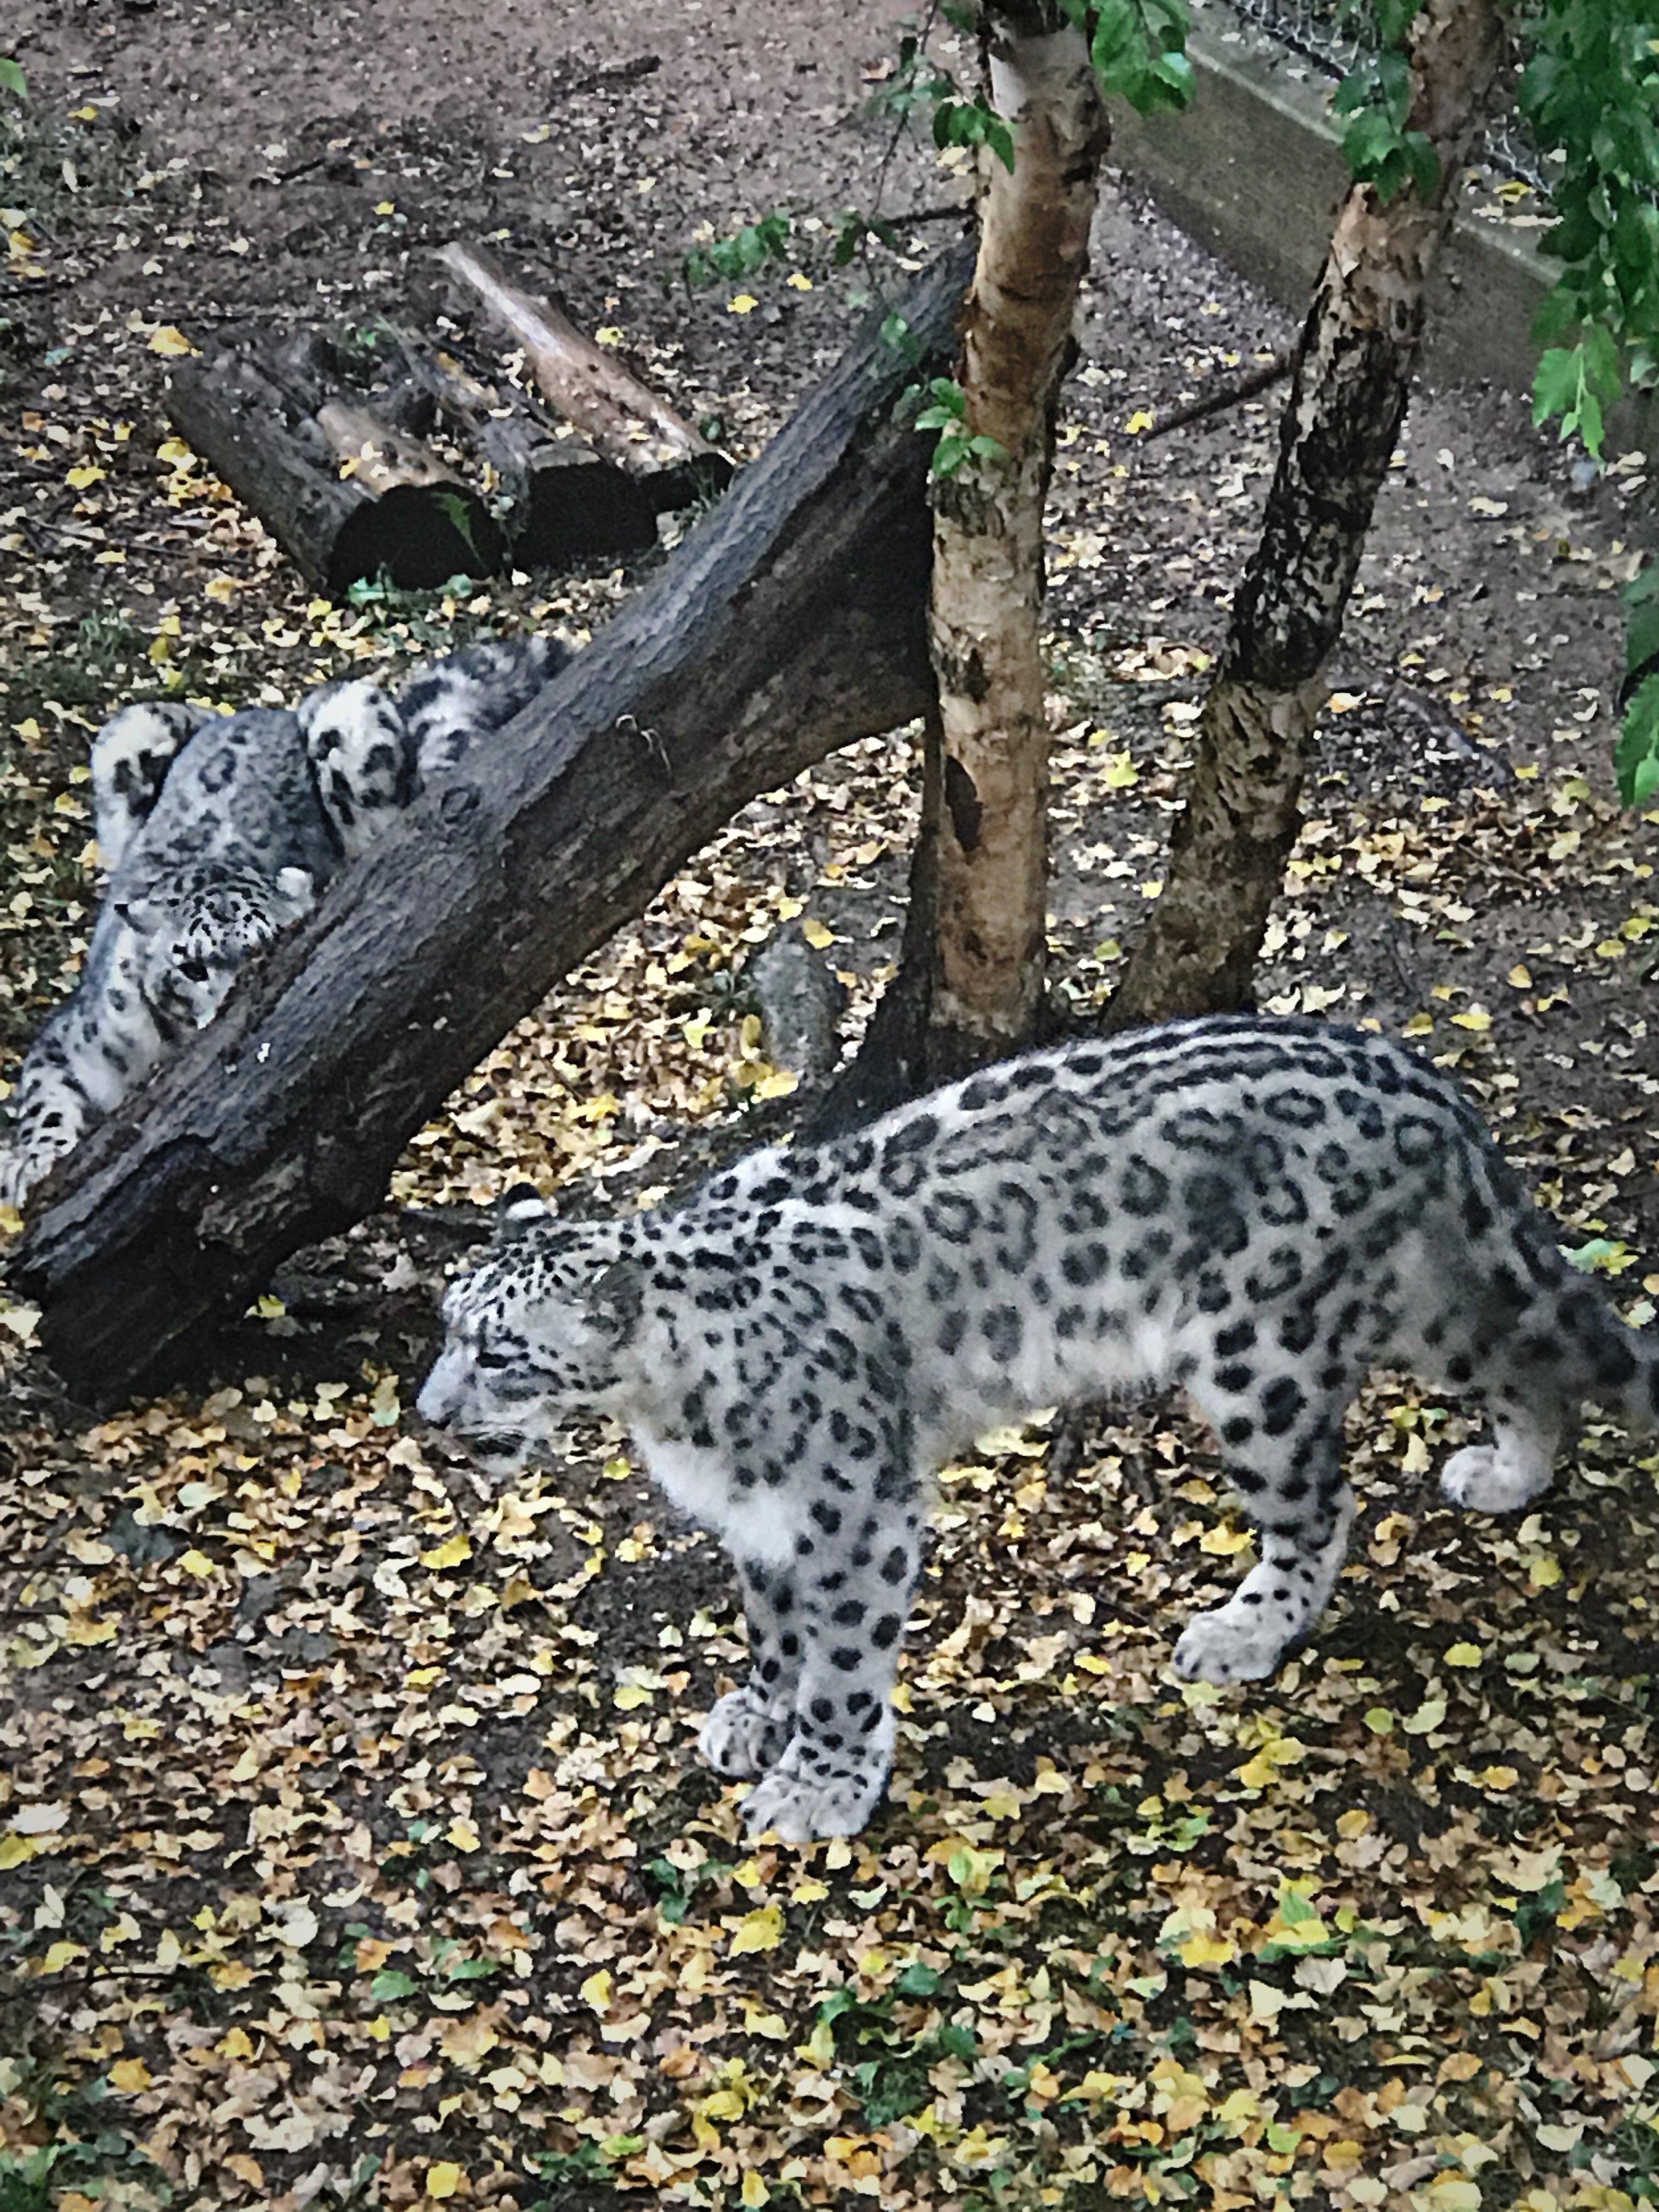 Snow Leopard. So fuzzy.